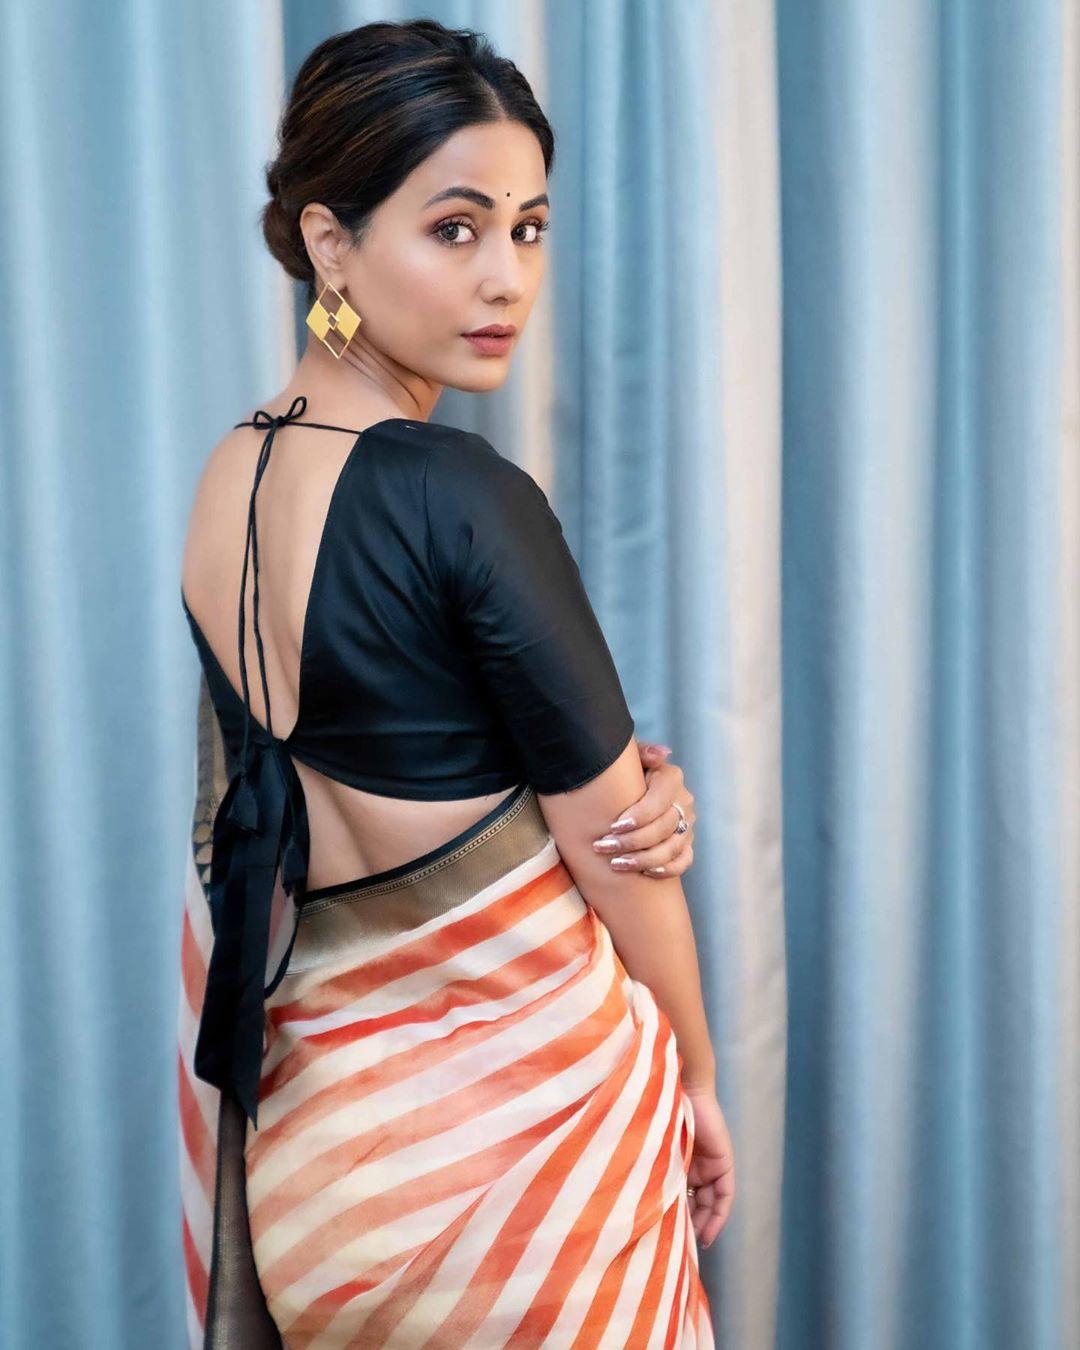 hina khan popular indian tv actress best photo in saree